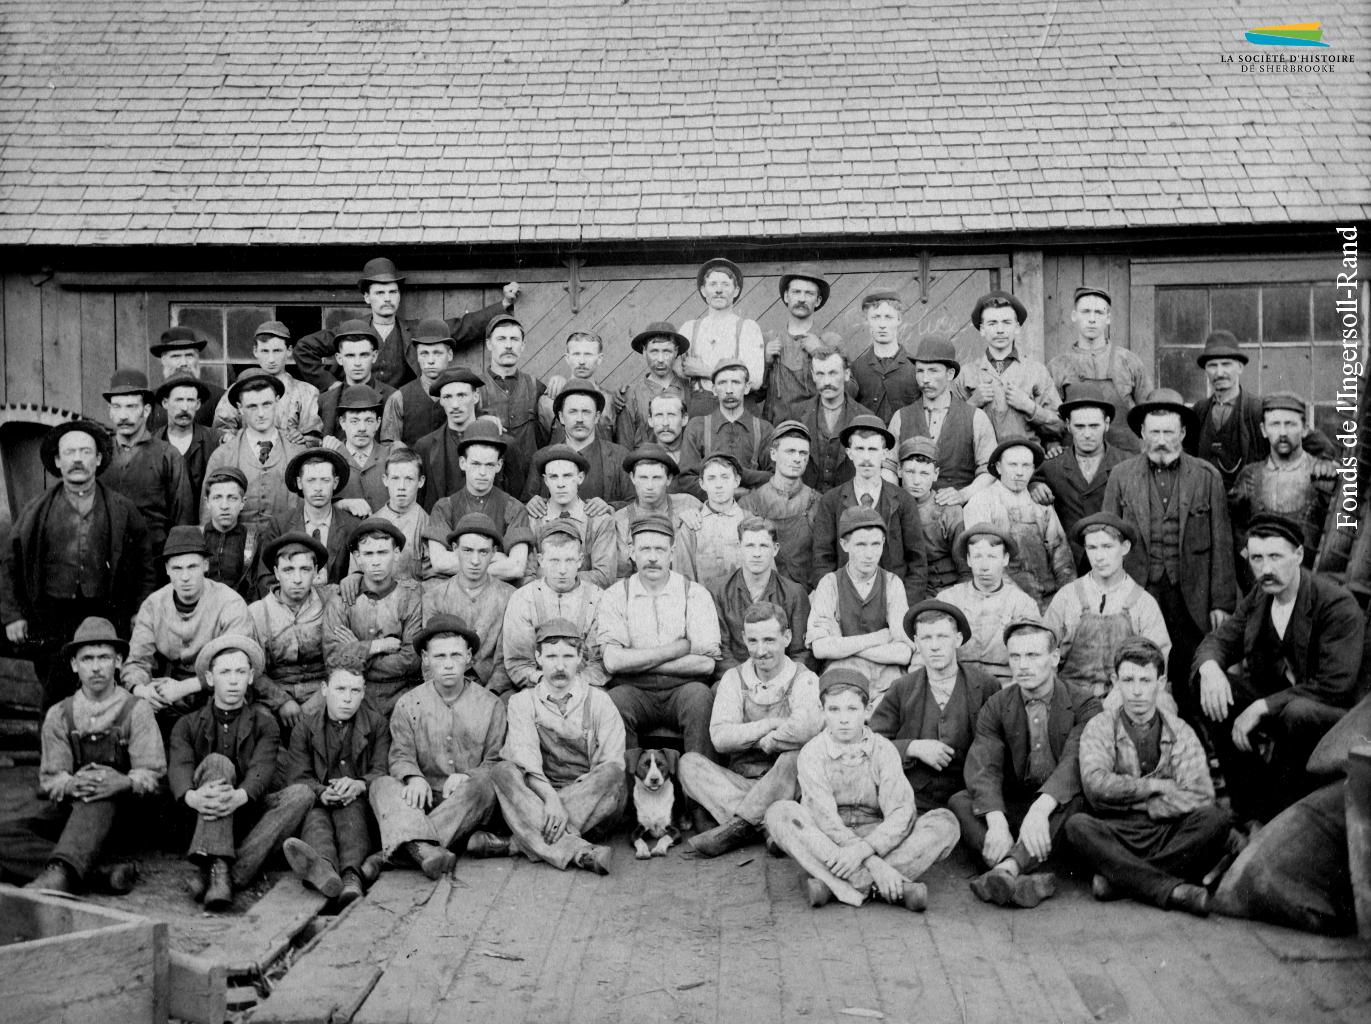 Des ouvriers de la compagnie Jenckes Machine prennent la pause, devant un bâtiment qu'elle occupe près de la rue Bank. Ce sont surtout des hommes qui travaillent dans la métallurgie, parfois âgés d'à peine 13 ou 14 ans.